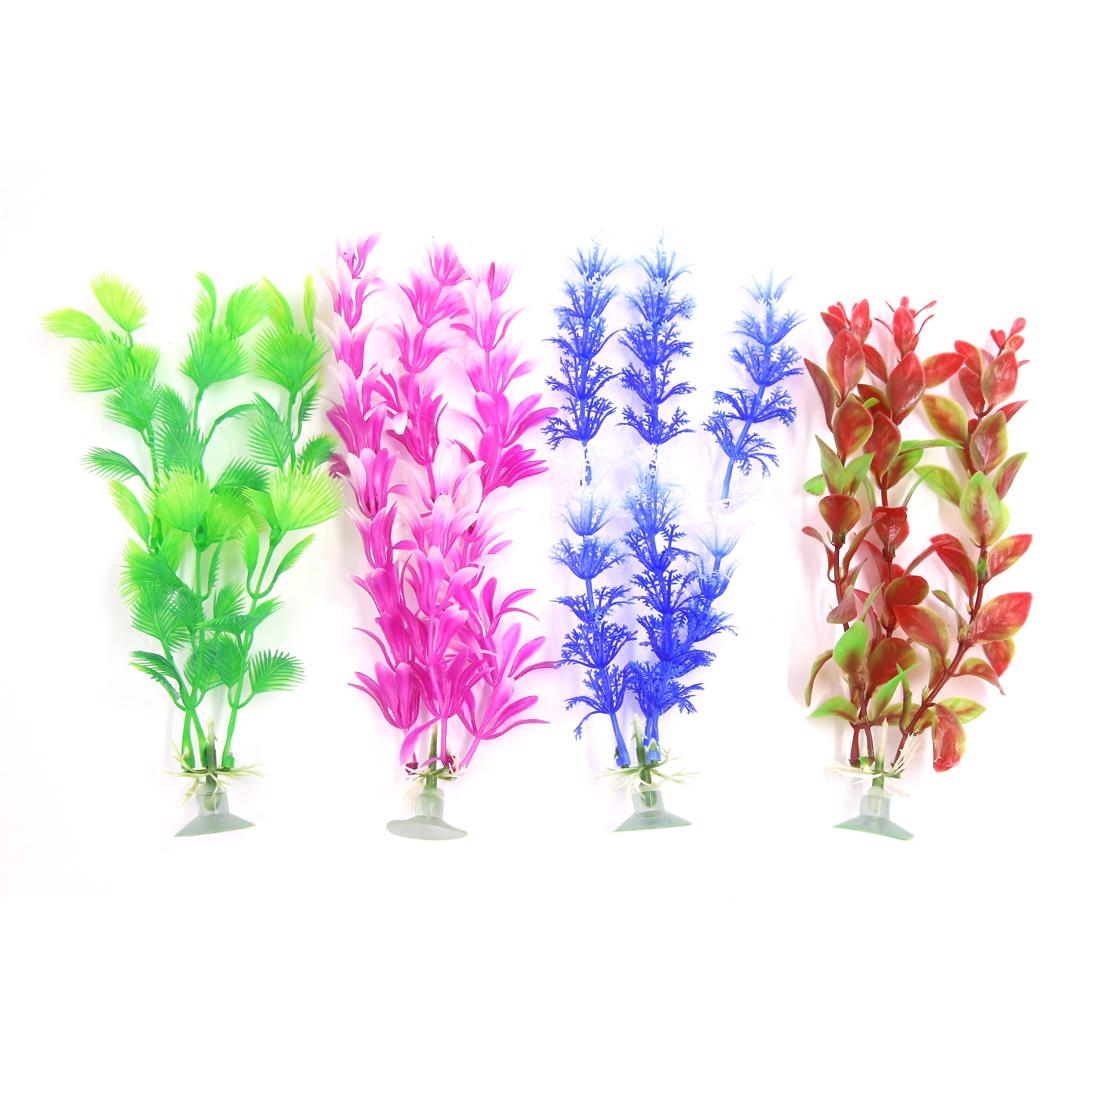 4 Pcs Aquarium Plastic Decoration Ornament Plant With Suction Cup